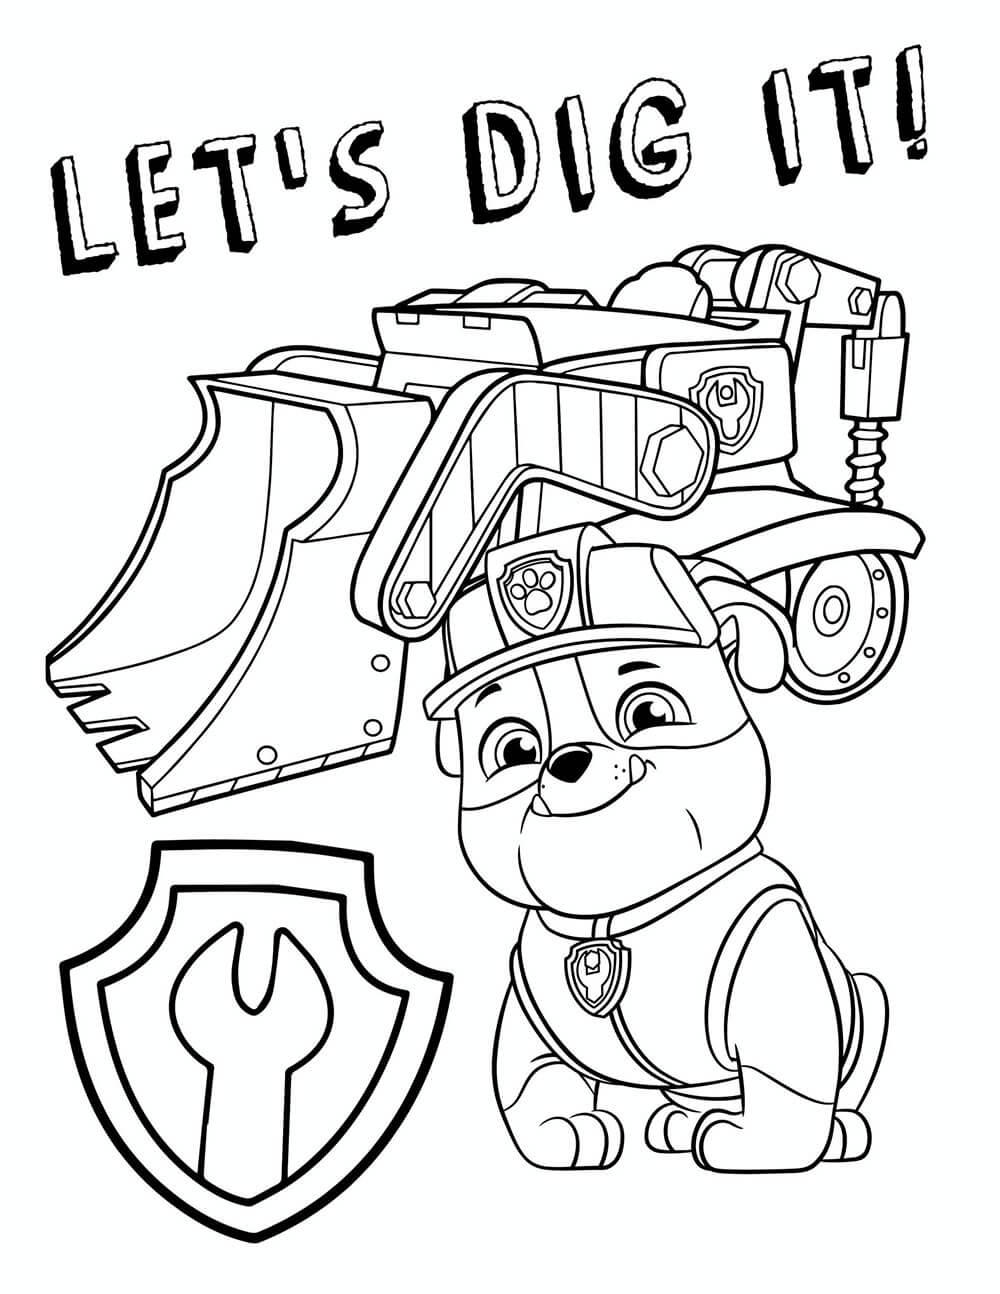 Rubble - Let's Dig It